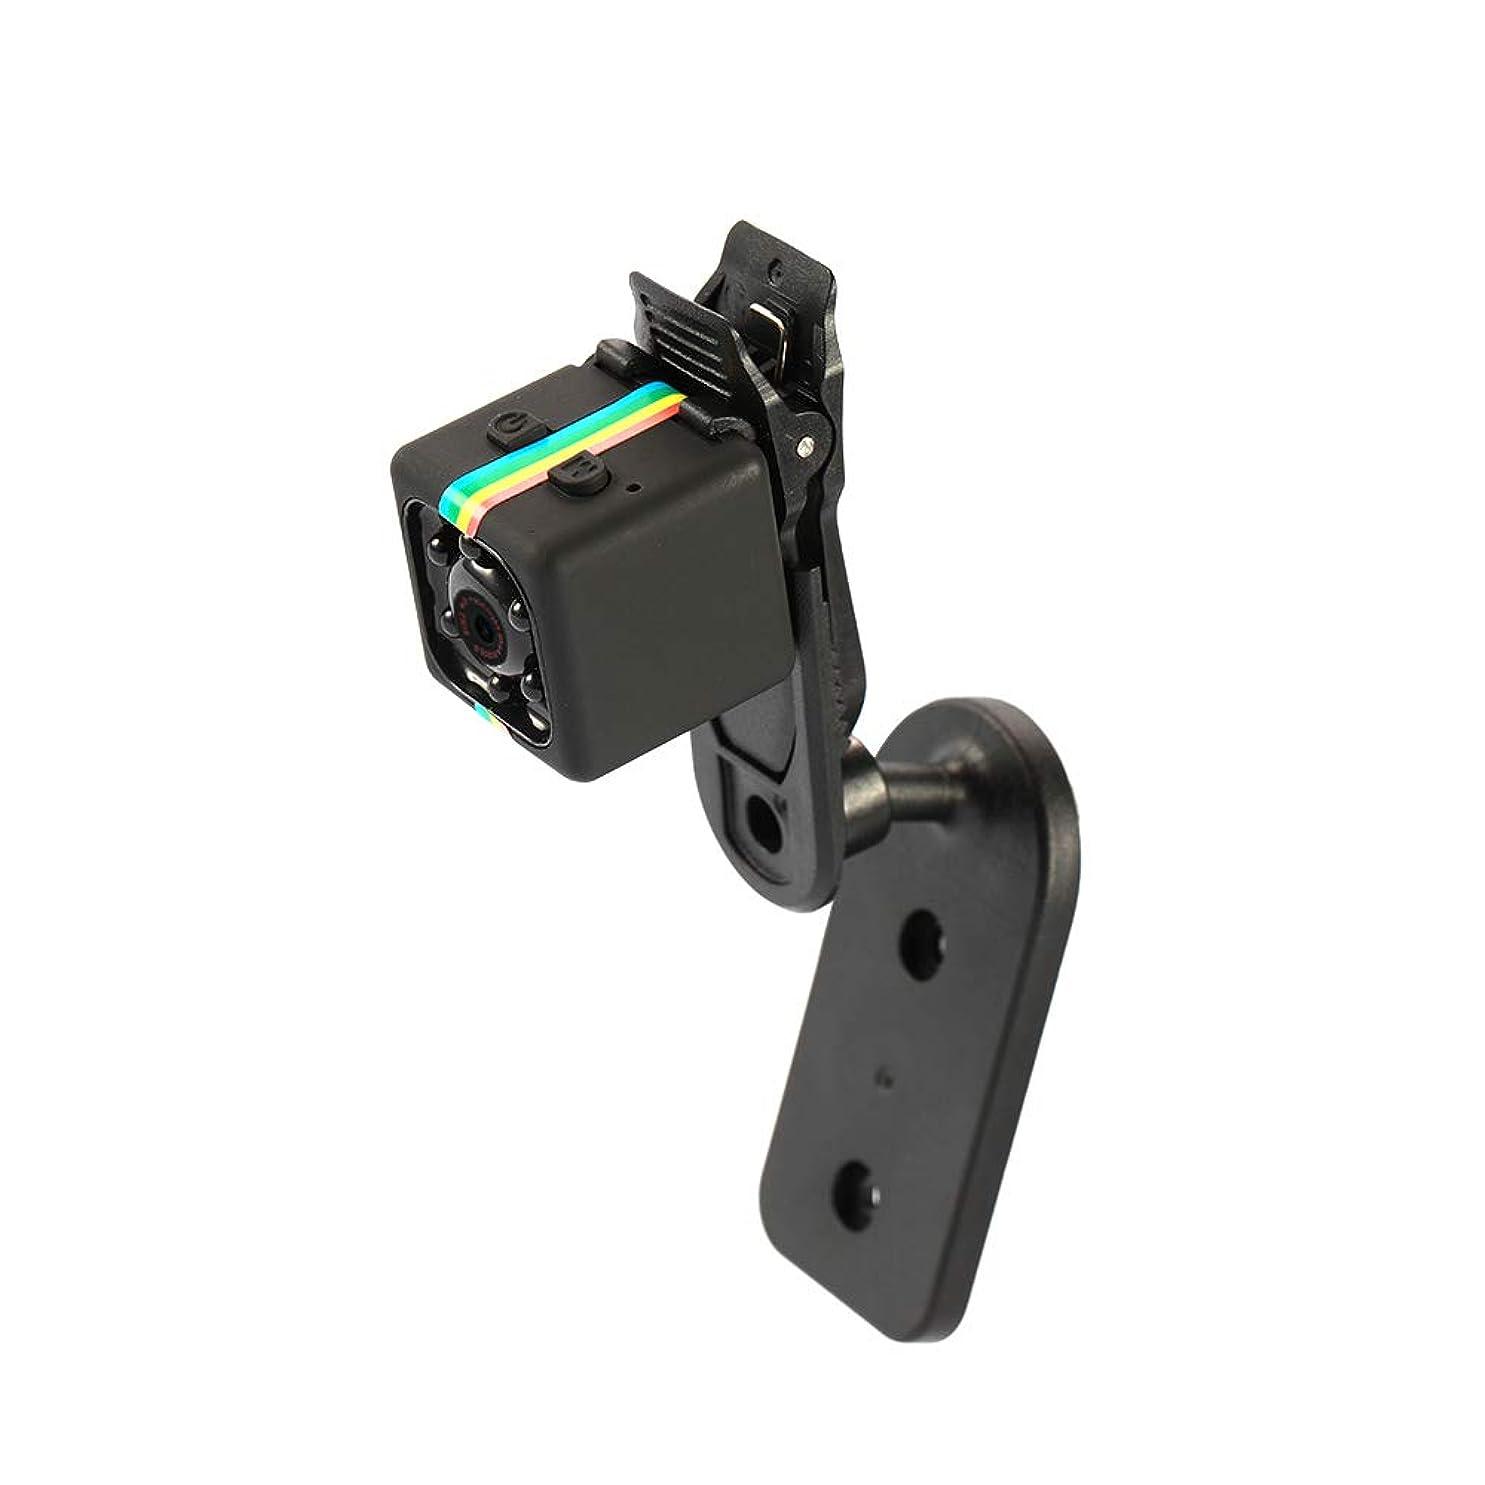 前方へワゴン正統派Andoer SQ11 720PスポーツDVミニ赤外線ナイトビジョンモニター隠しカメラ車のDV デジタルビデオレコーダー